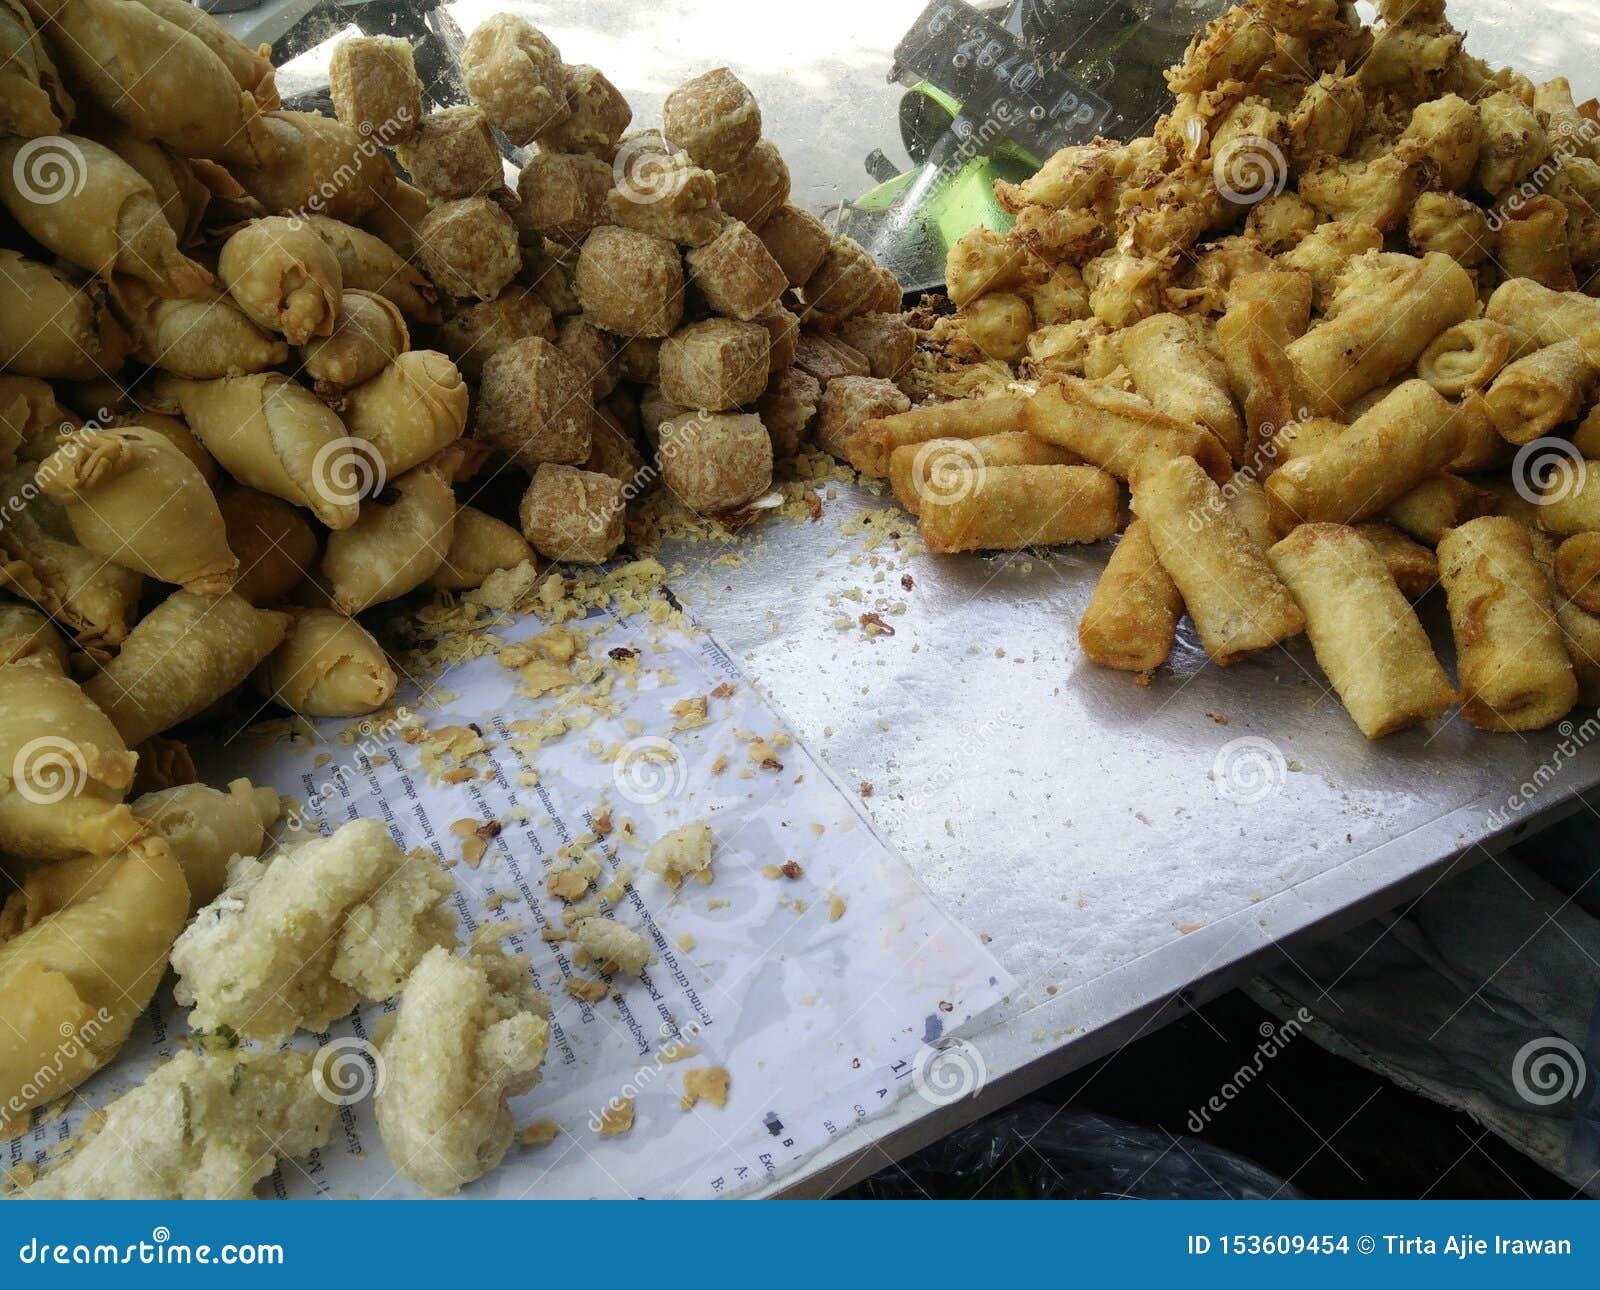 Bekasi Indonésie le 10 juillet 2019 Gorengan : La nourriture frite est un type de casse-croûte populaire en Indonésie, tempeh fri